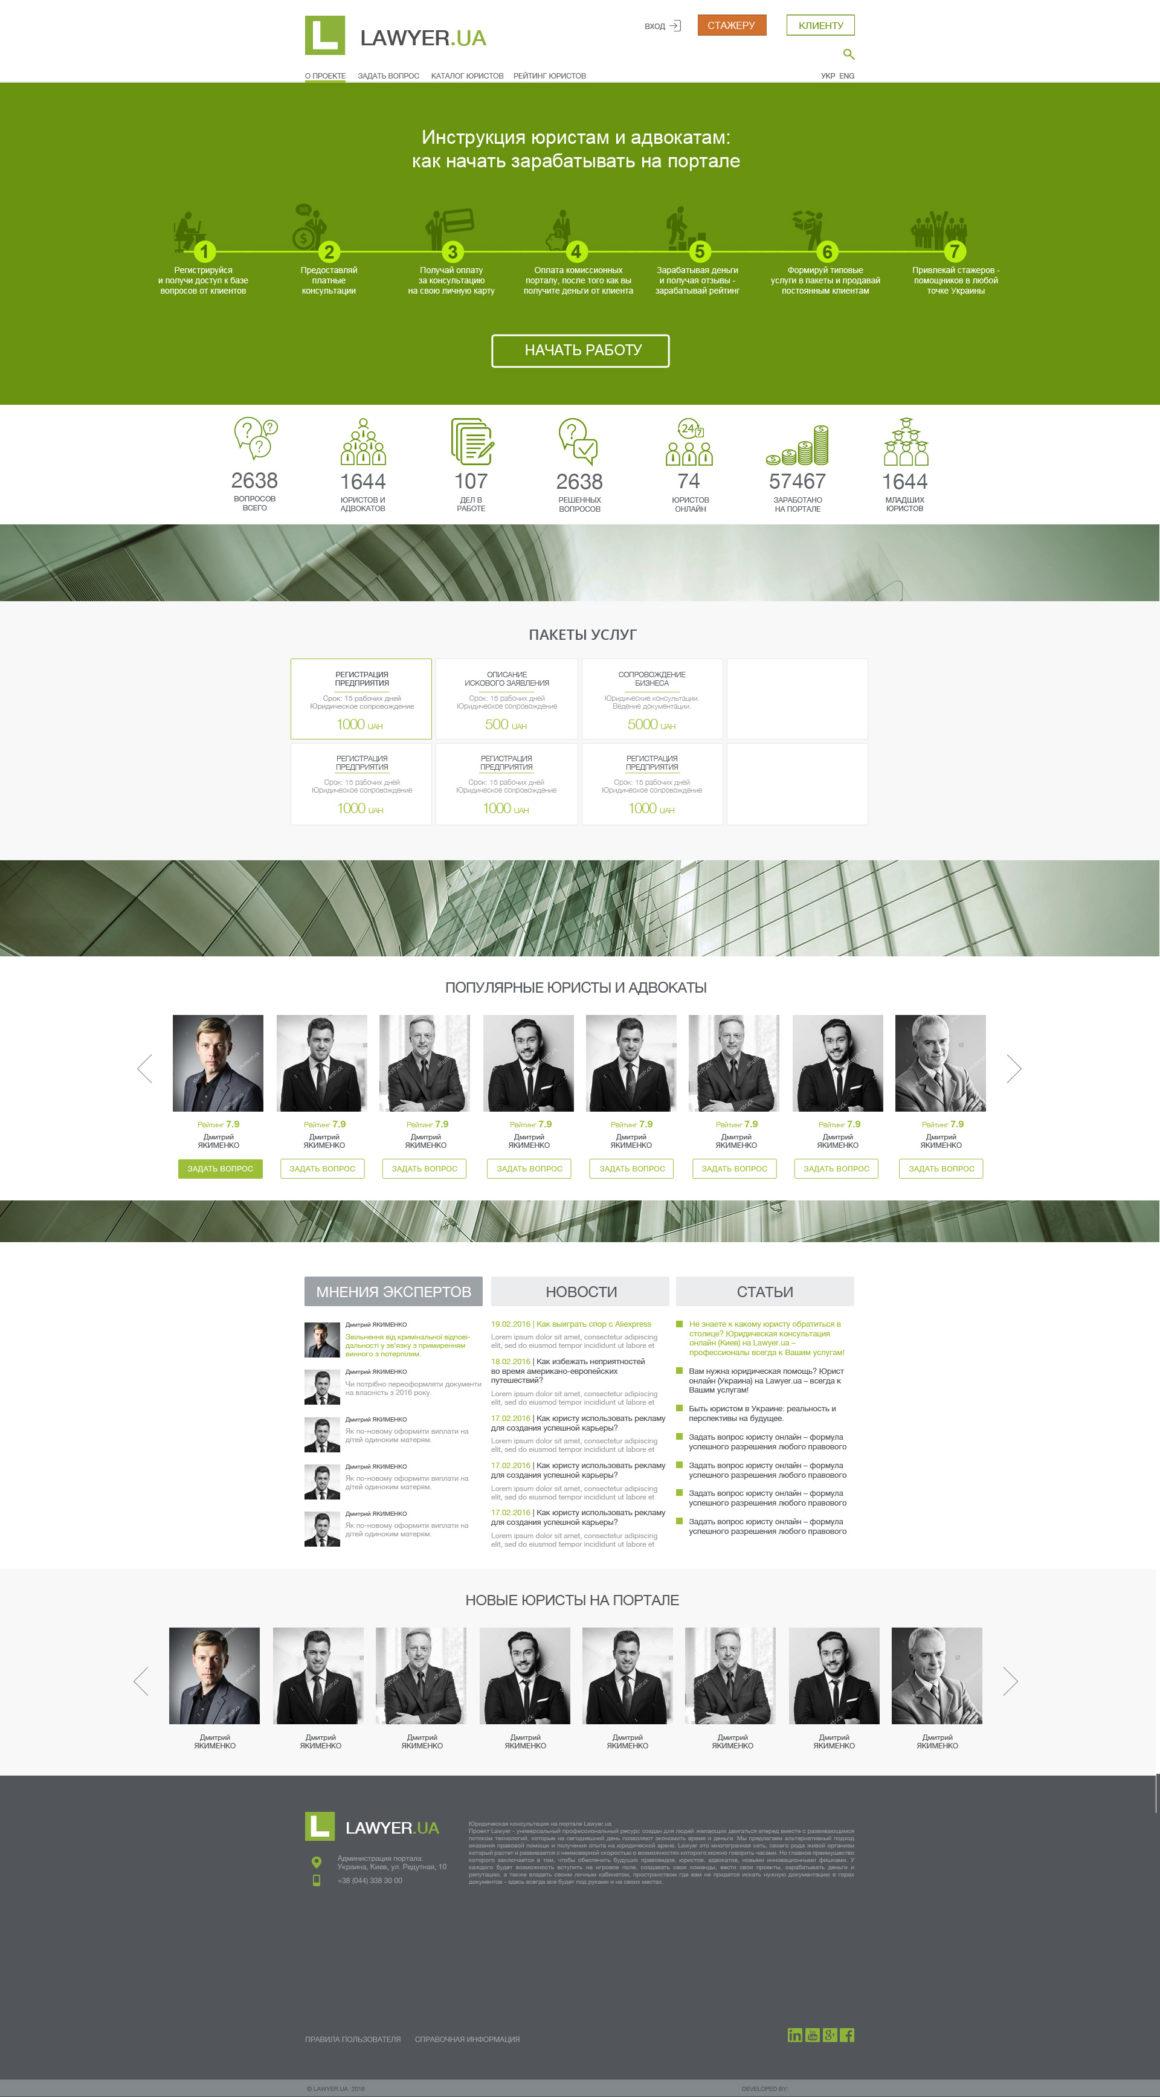 LawyerUA_main_lawyer